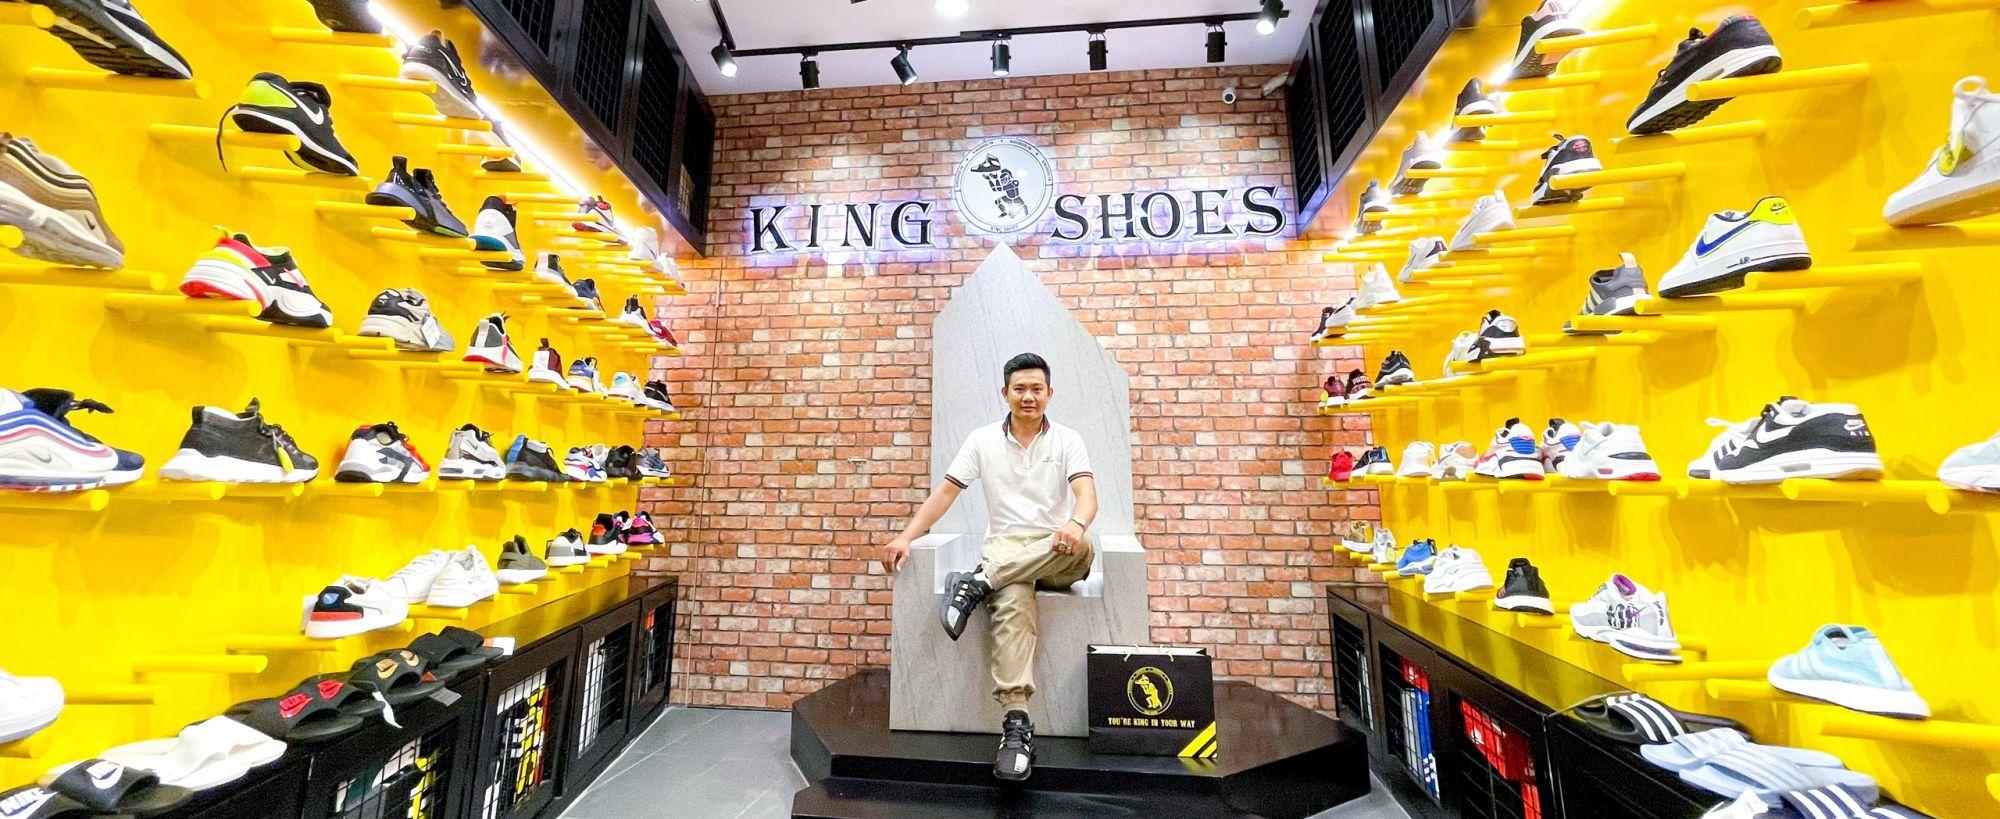 Tân Bình mua giày thể thao chạy bộ -tập gym adidas/ nike chính hãng ở đâu? đến KING SHOES SNEAKER REAL HCM